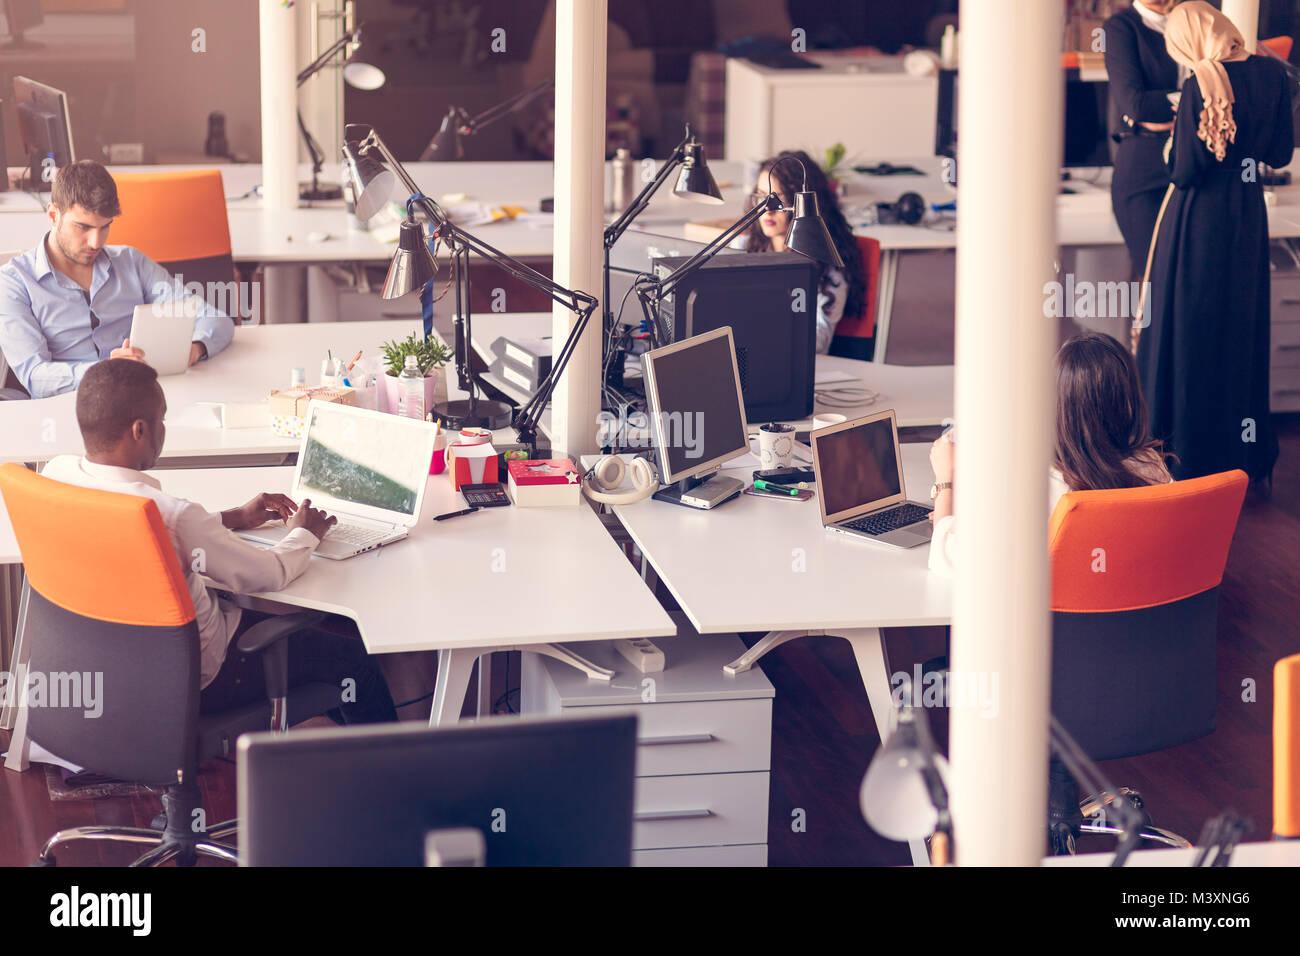 Les gens d'affaires de démarrage de travail Groupe de travail de tous les jours au bureau moderne Photo Stock